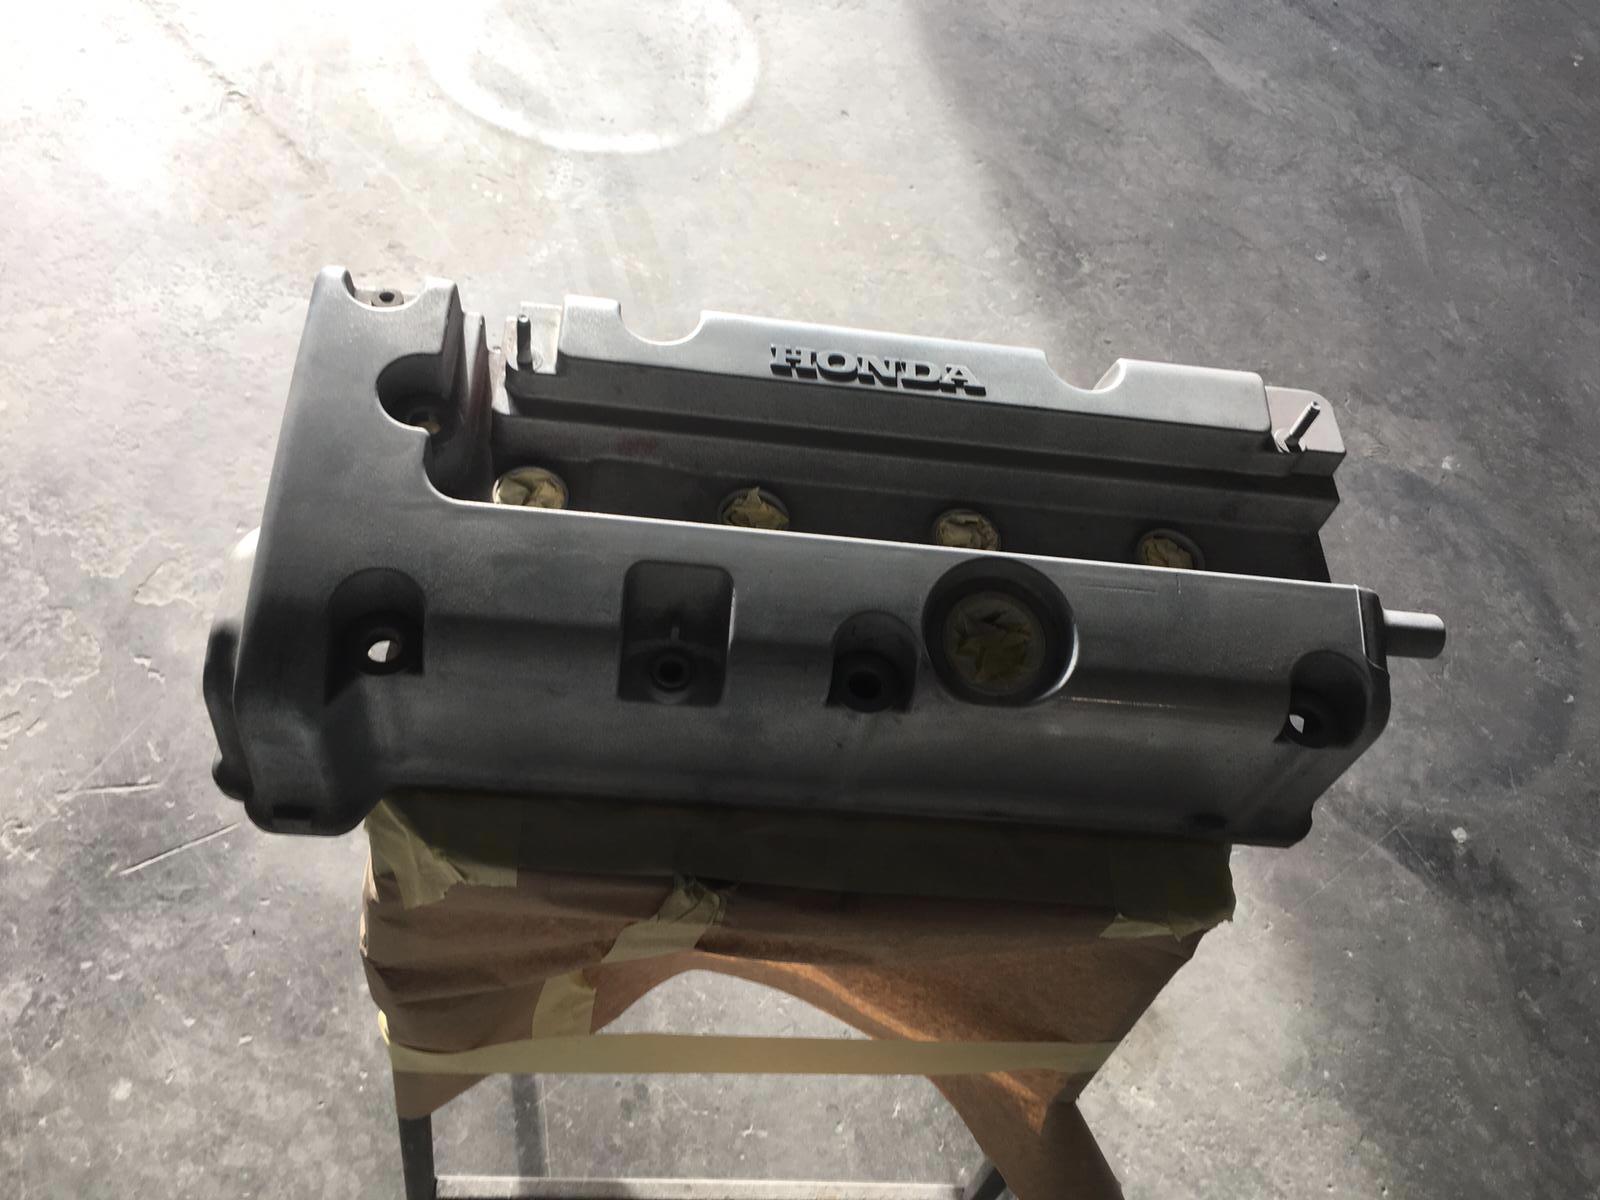 D77BAB5A-6211-4C73-9F45-FCF2130C2D5C.jpeg